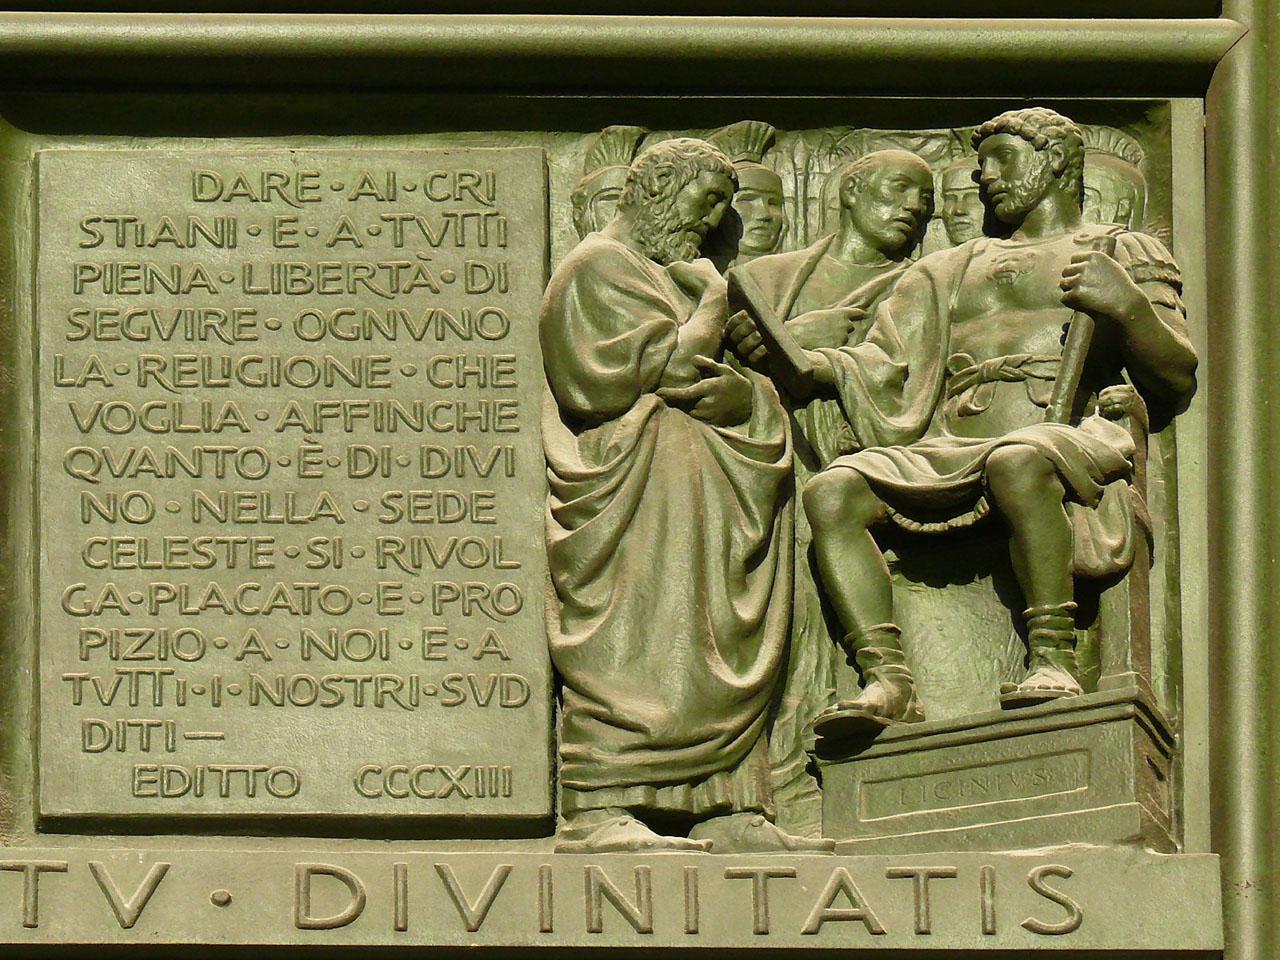 arrigo-minervi-scultore-della-i-meta-del-xx-secolo-particolare-della-porta-minore-di-sinistra-del-duomo-di-milano-raffigurante-leditto-di-milano